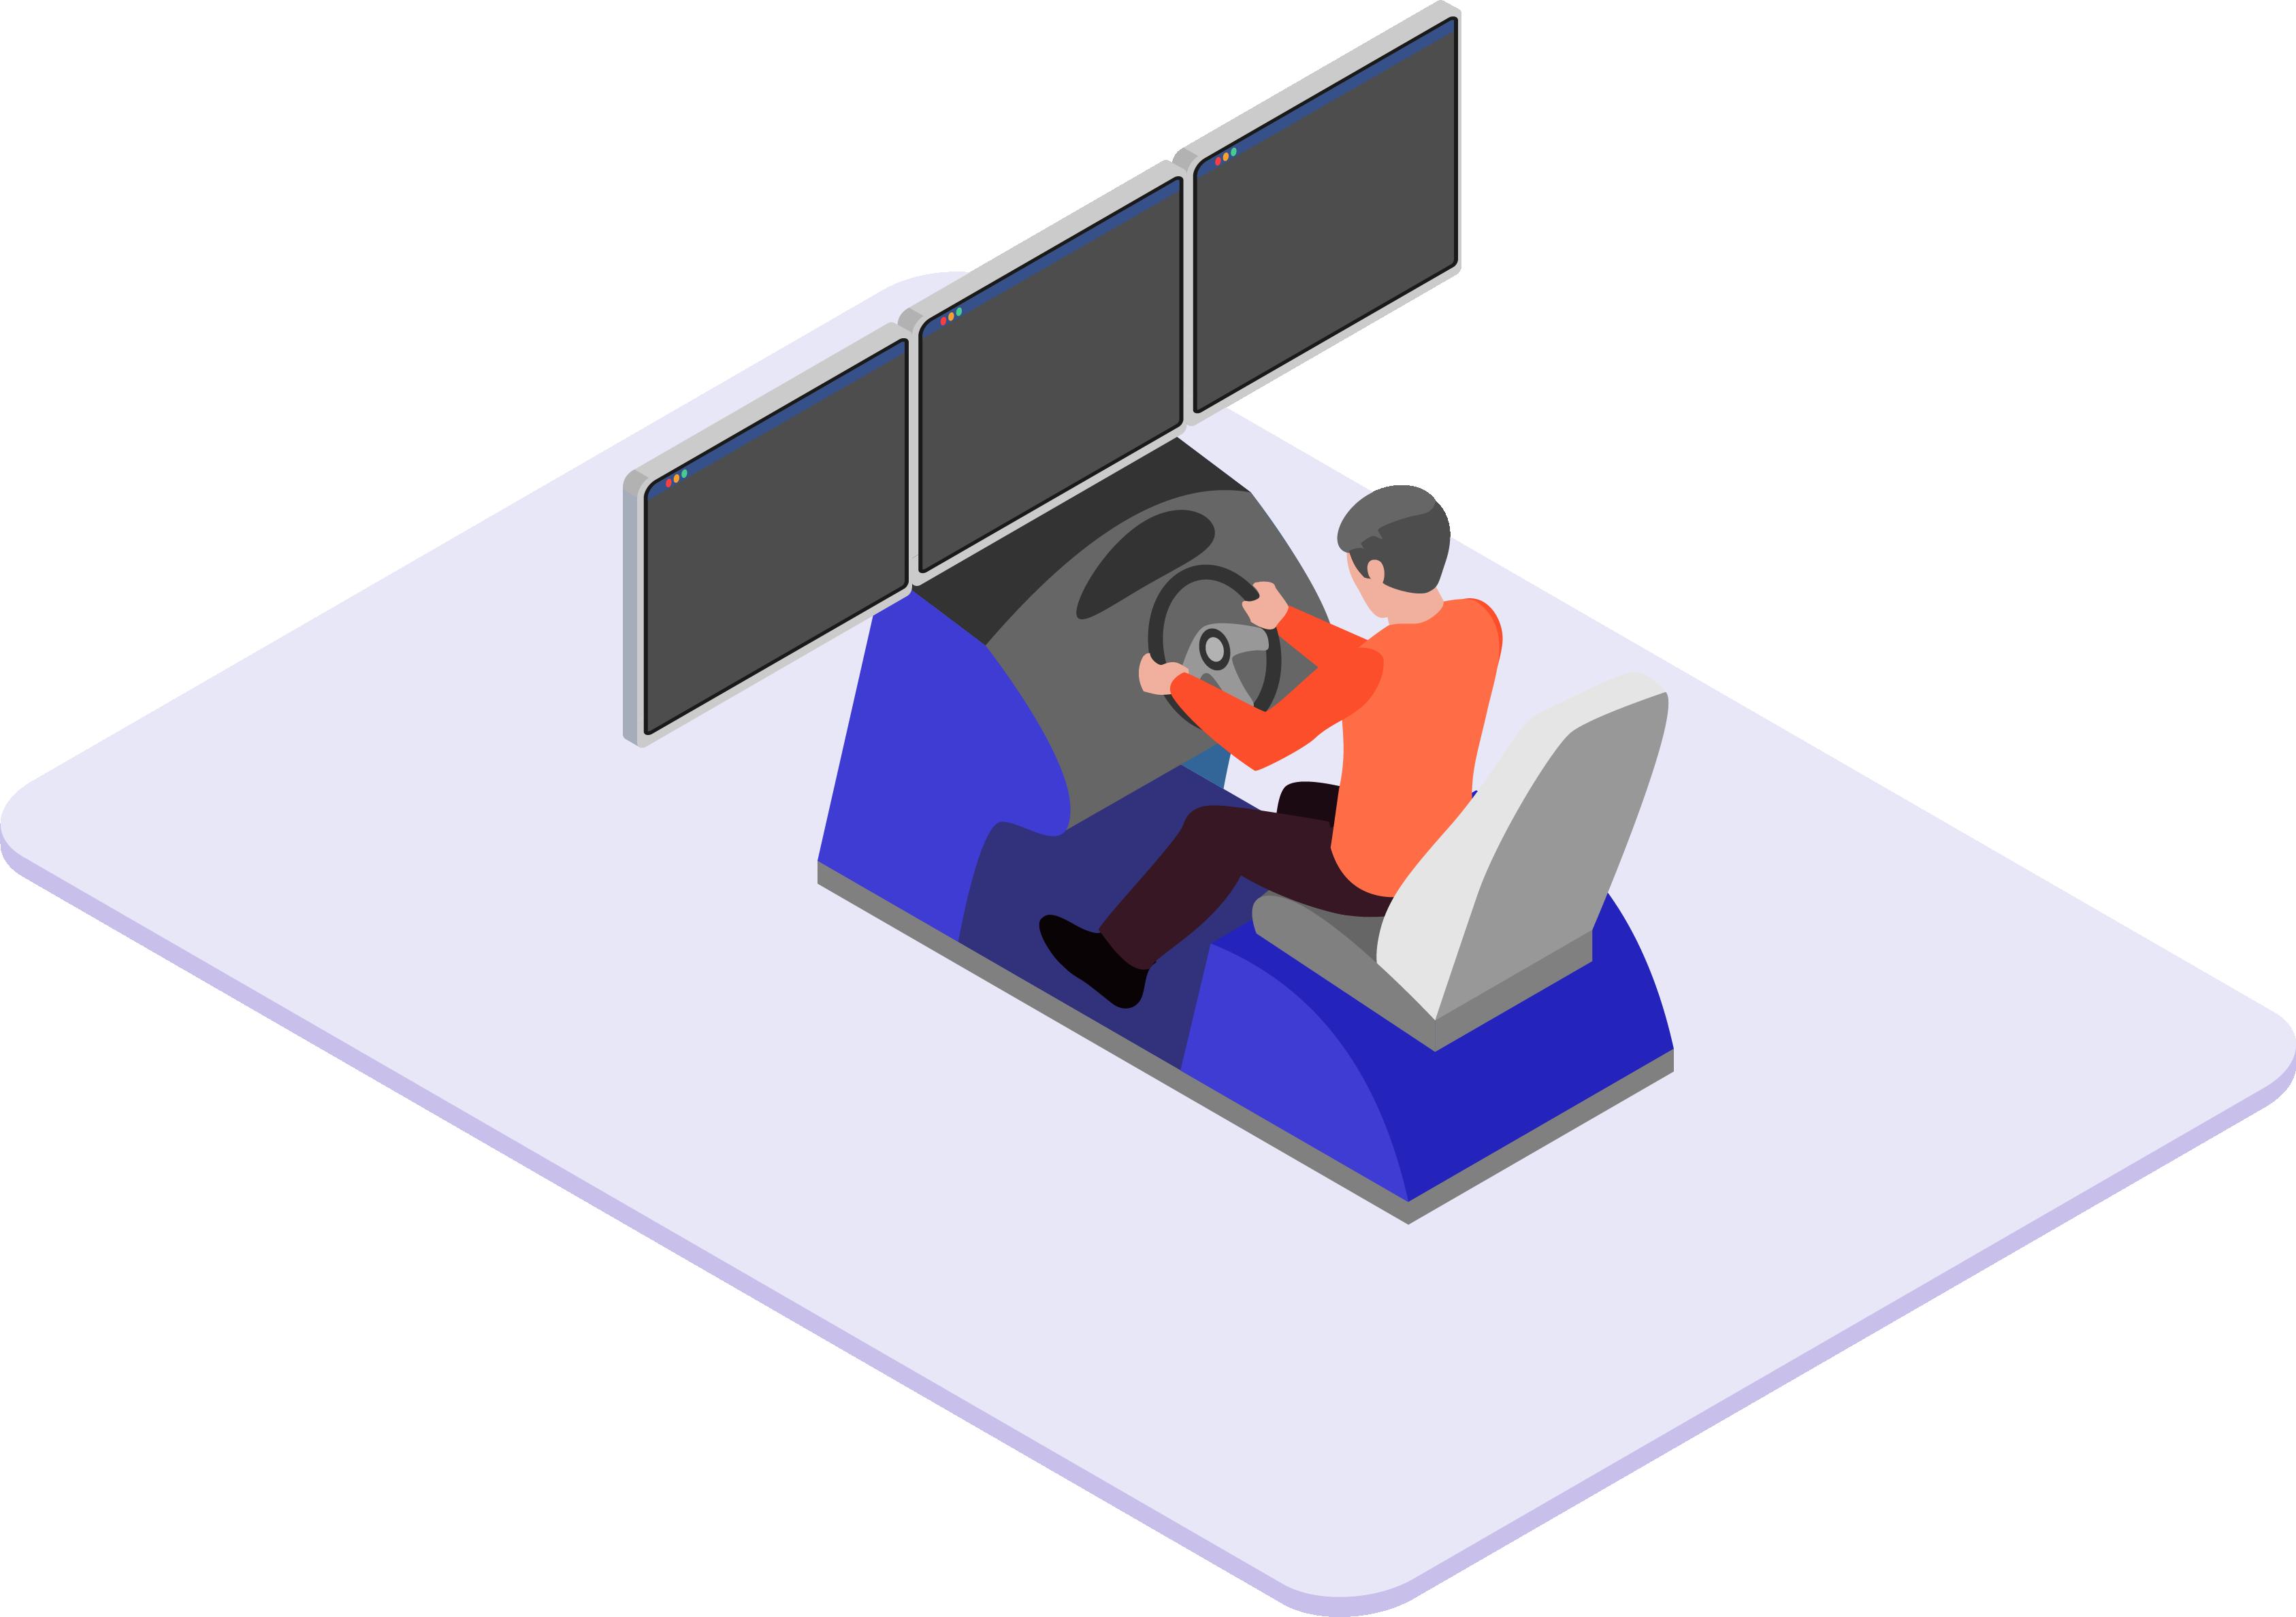 Eco Conduite Sur Simulateur - Risques Routiers Sur Simulateur